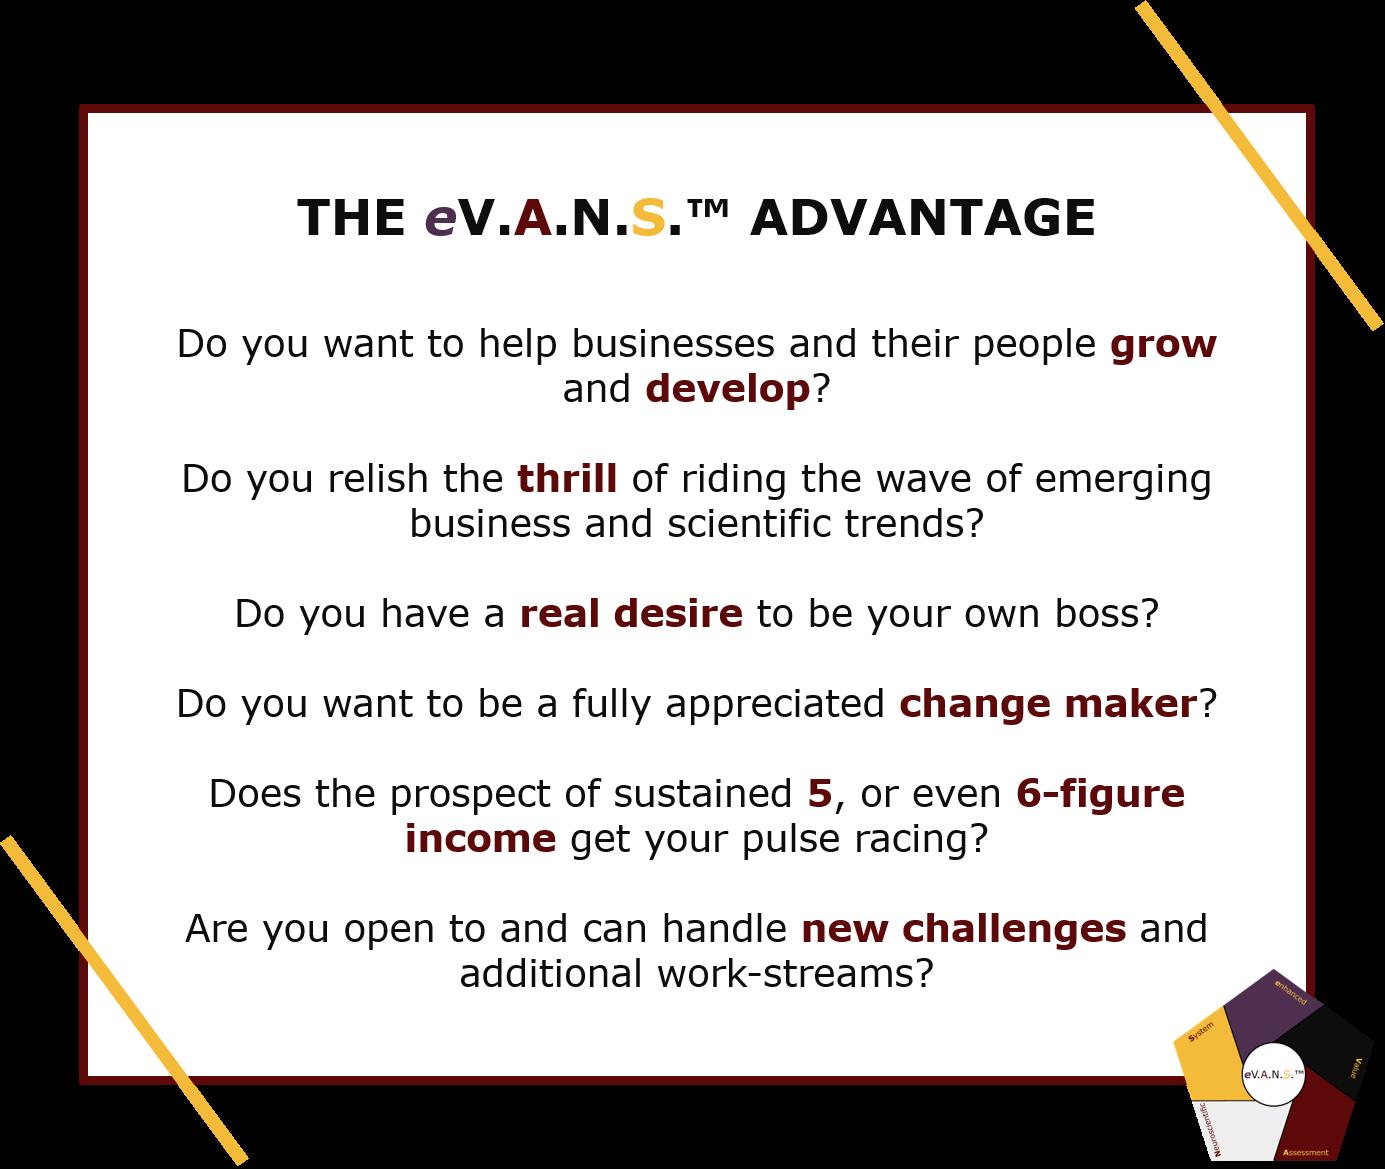 Get the eV.A.N.S.™ Advantage for SVS Associates